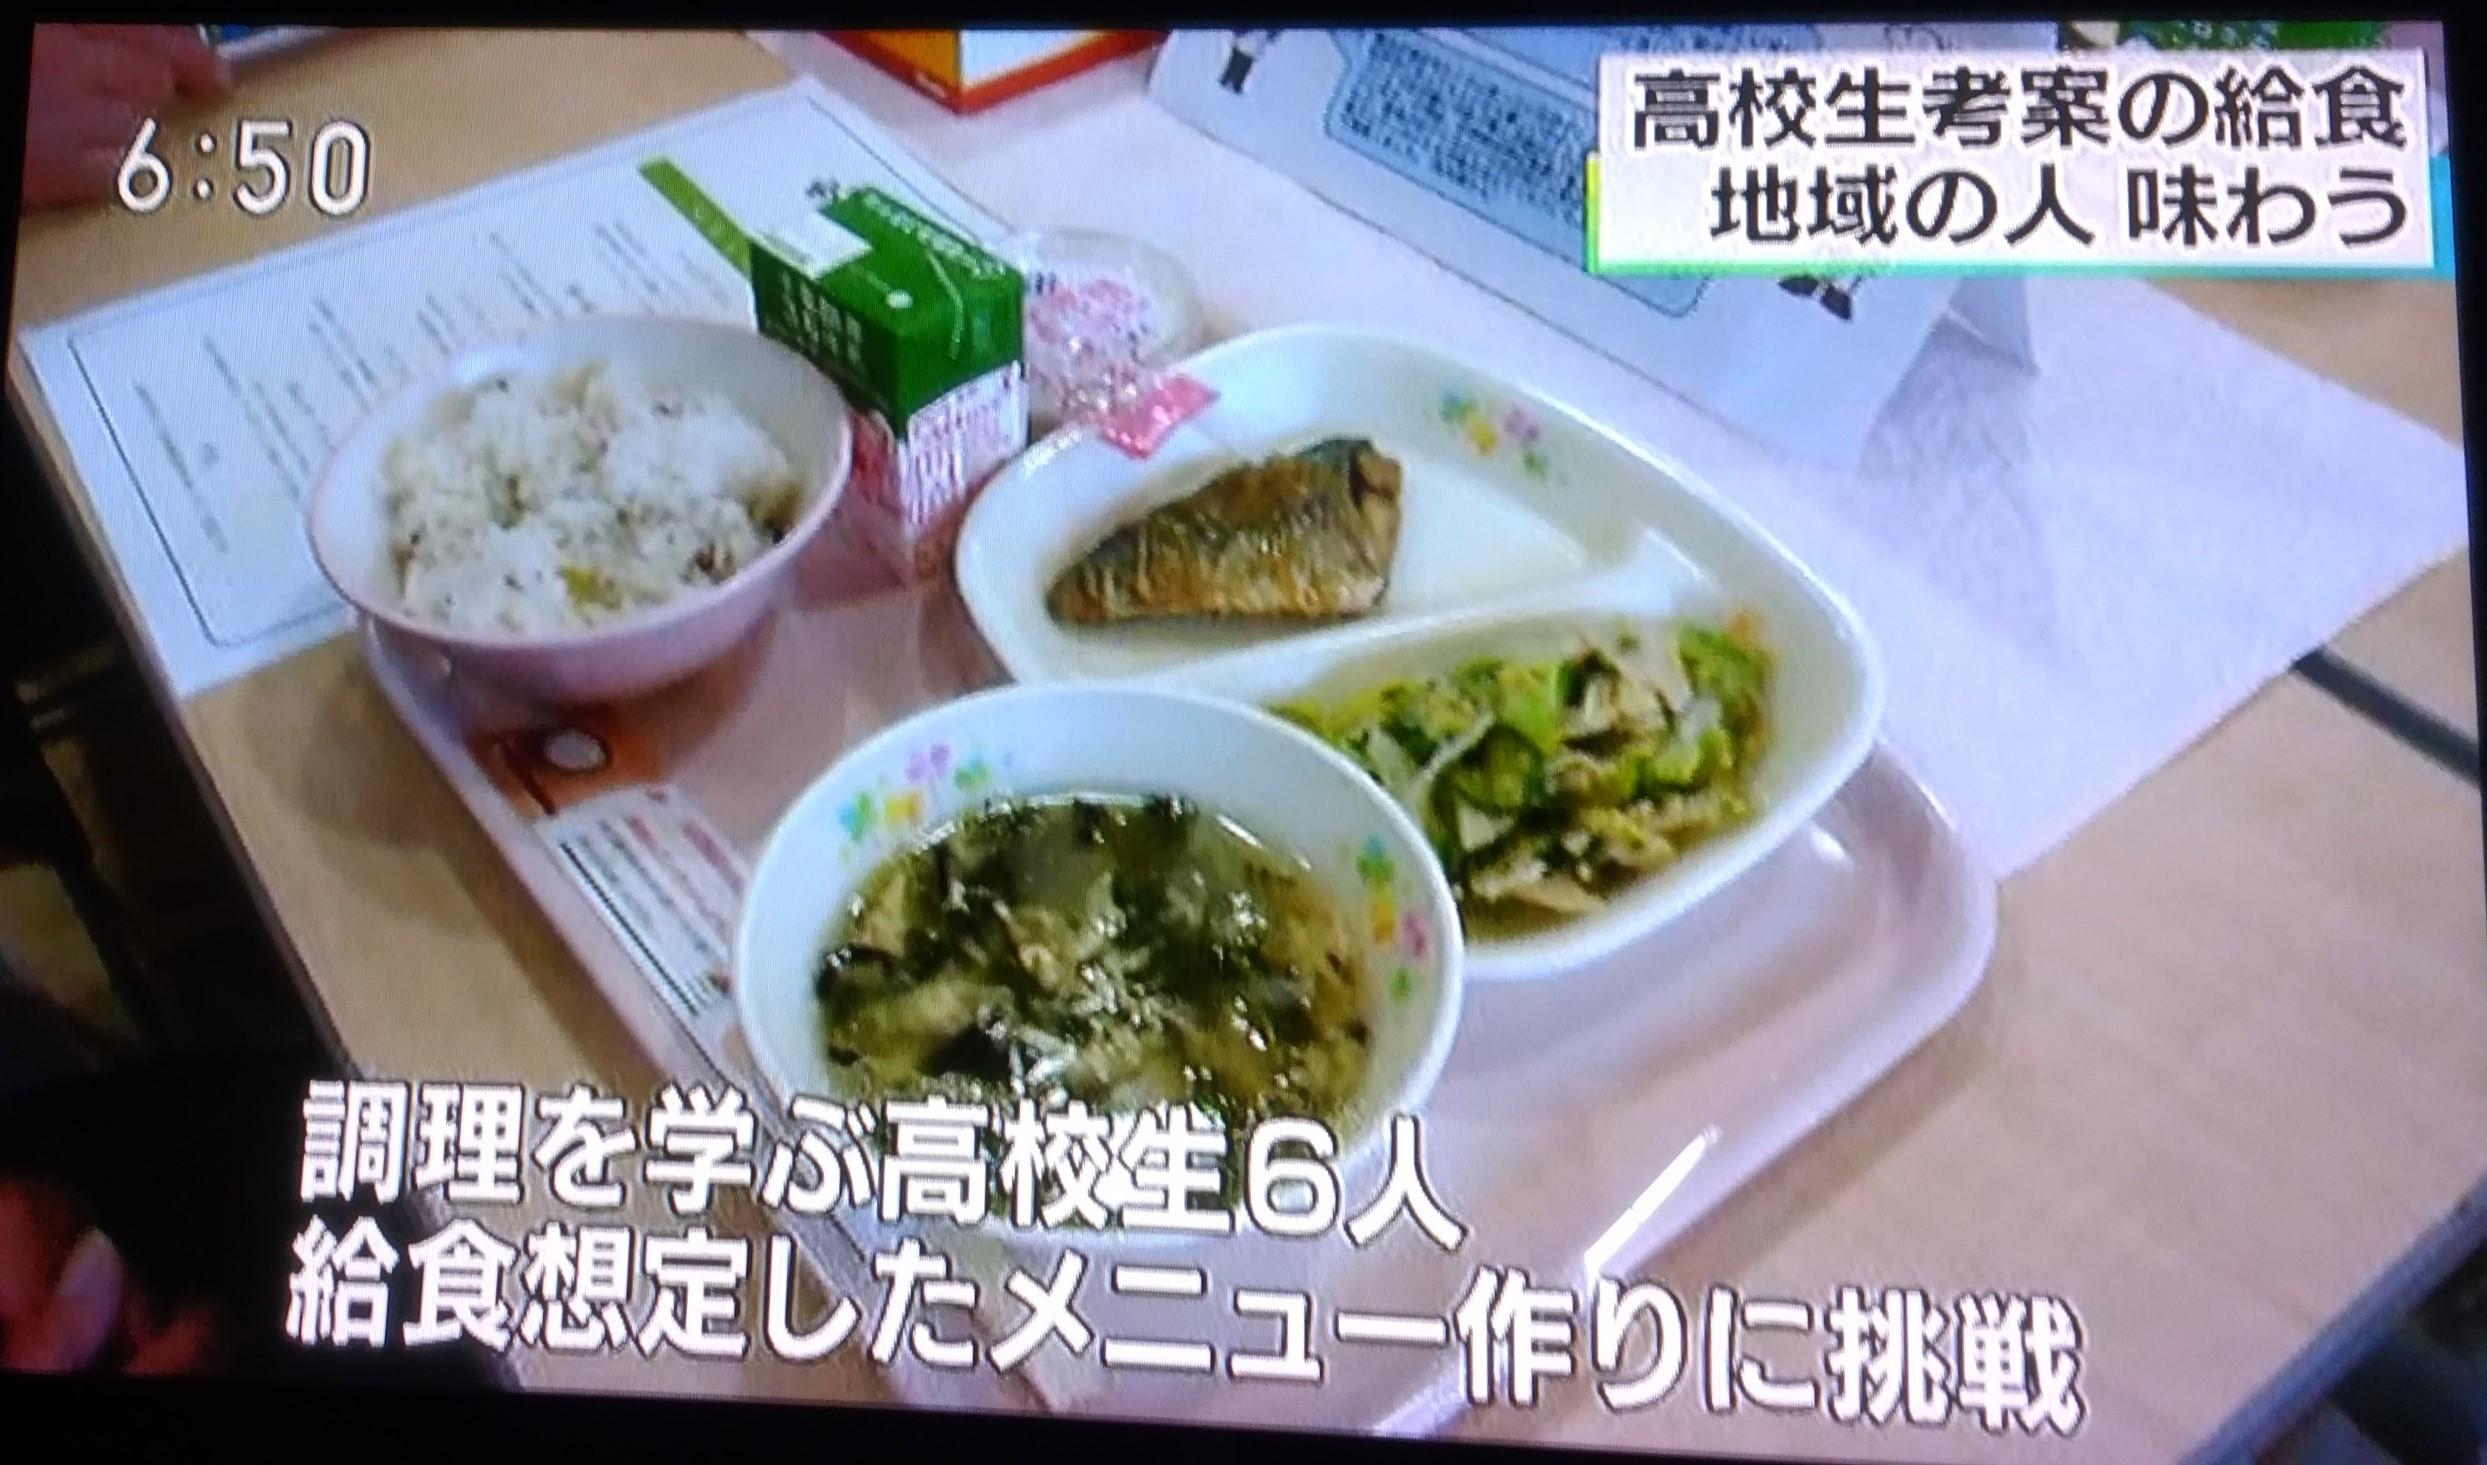 20171119給食<br />レストランTV 実物